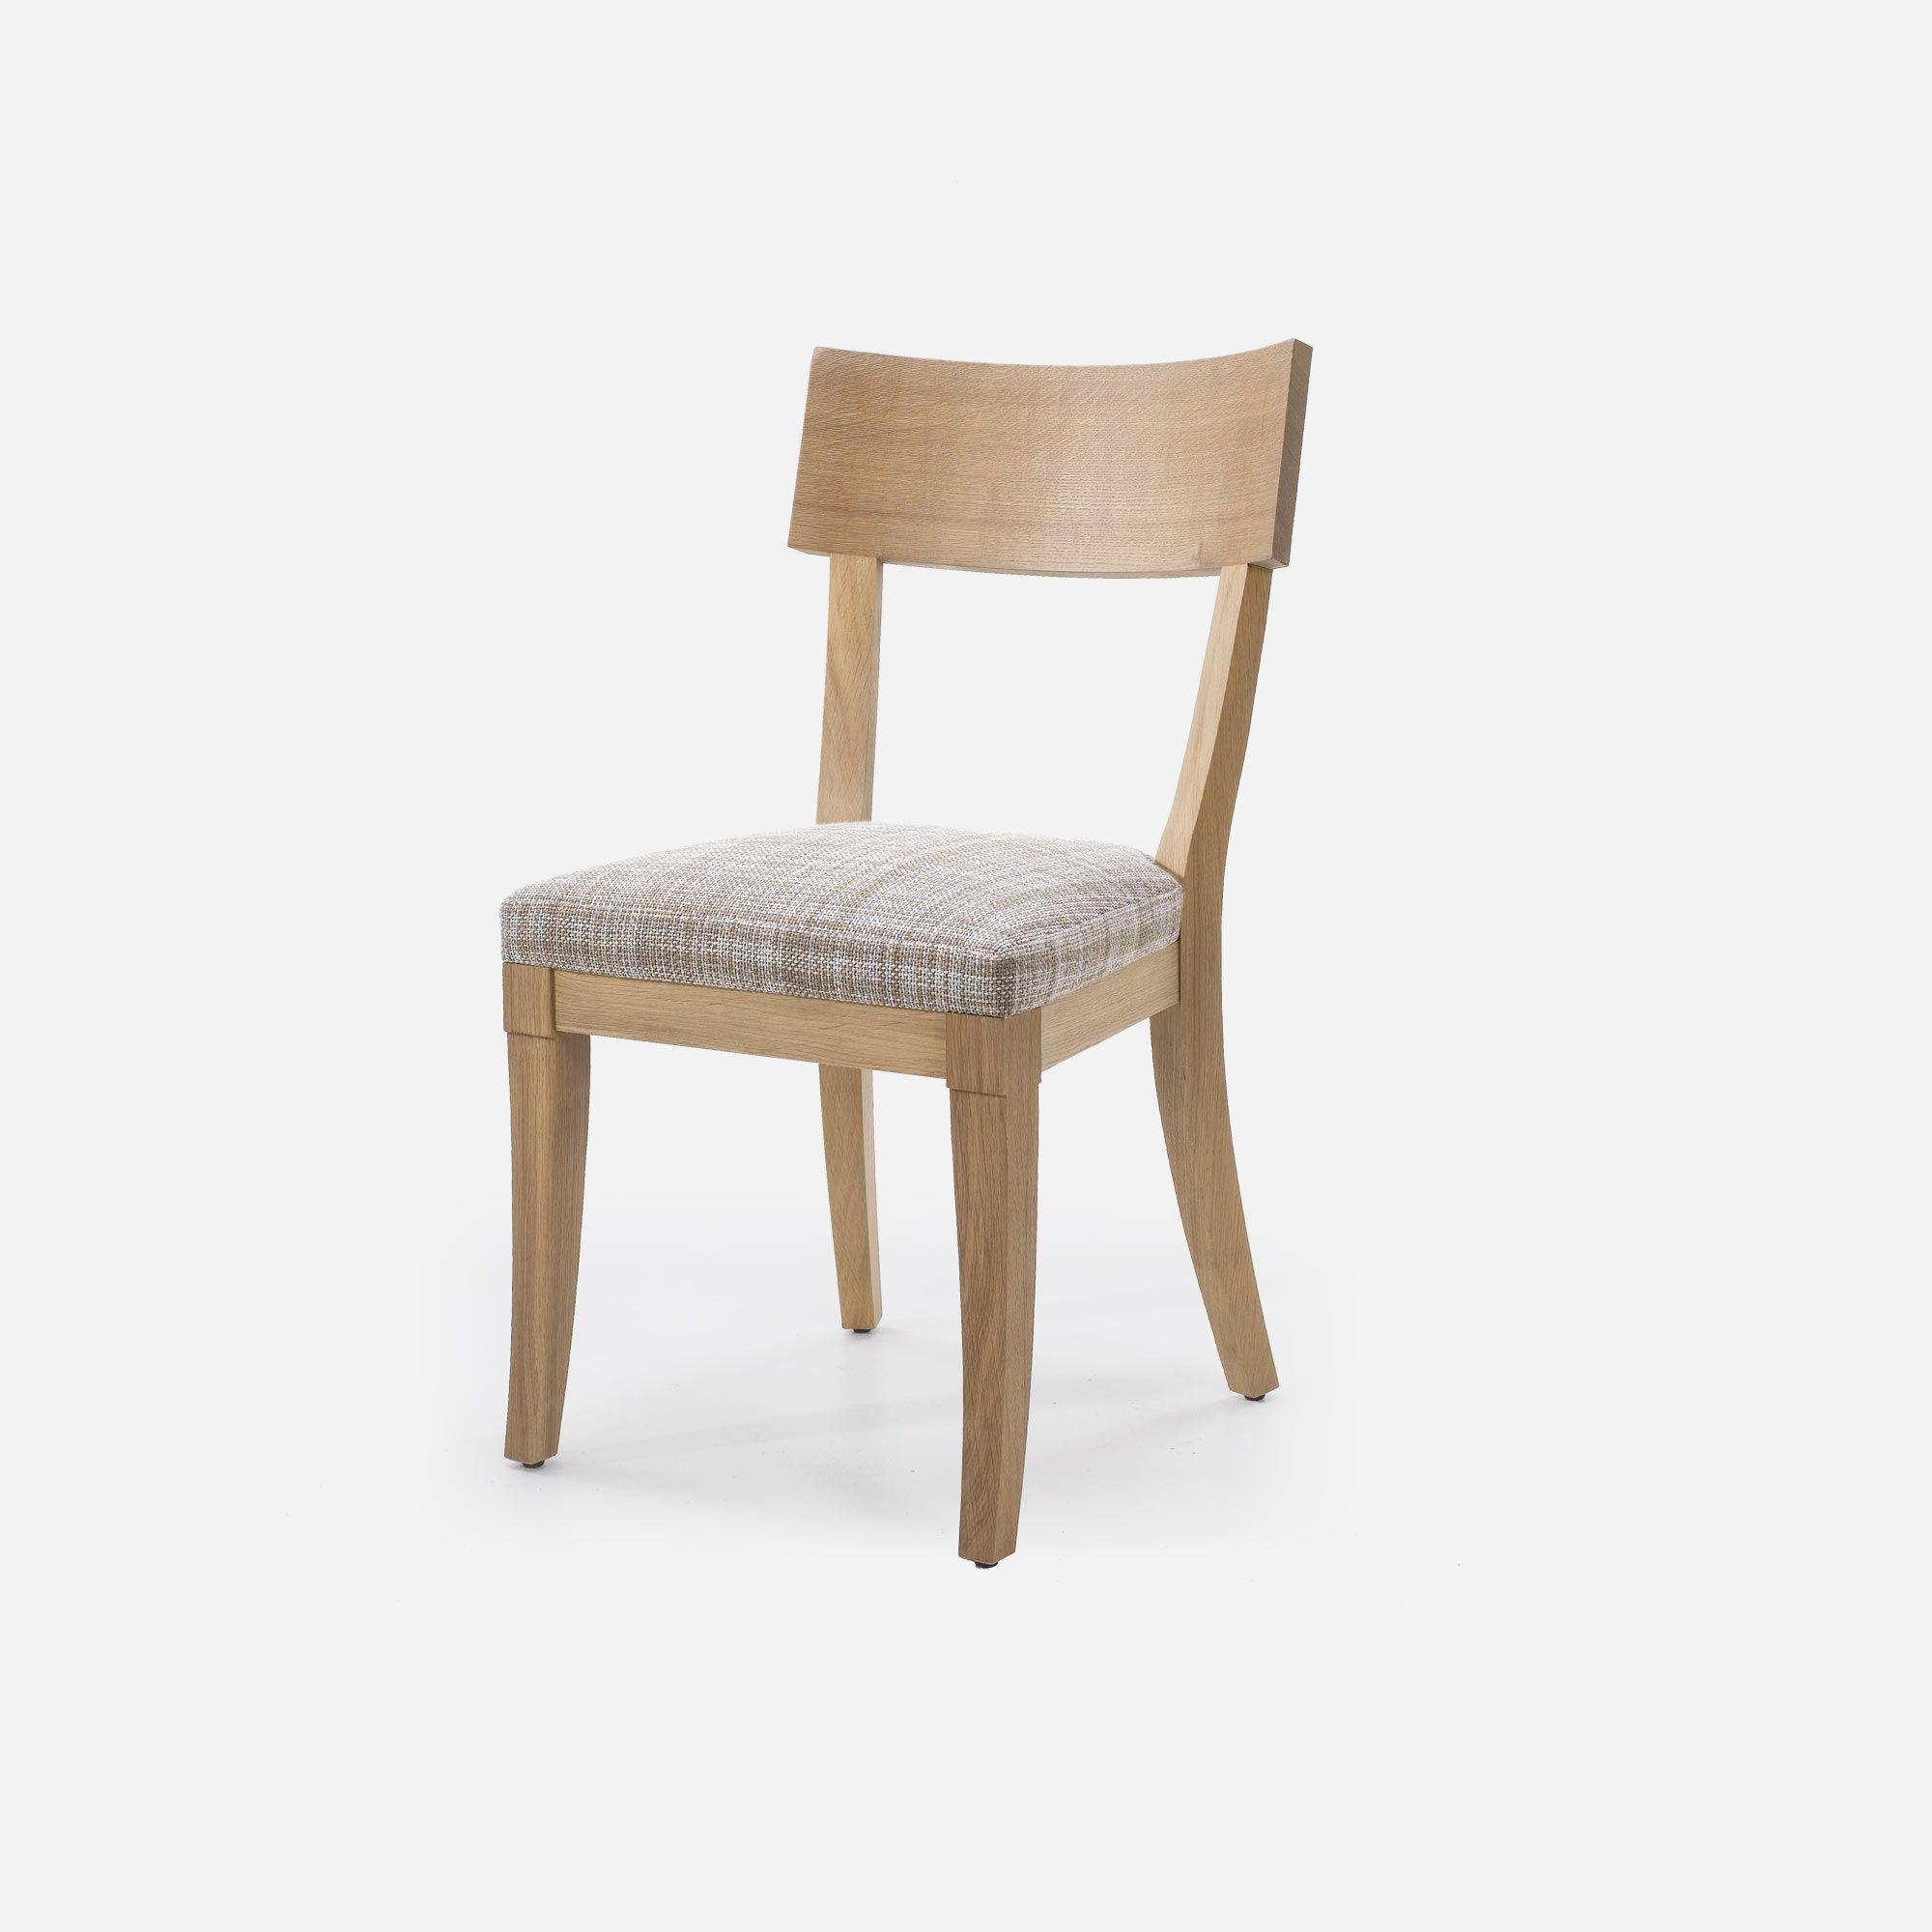 chaise en bois clair pour restaurant : factory | collinet